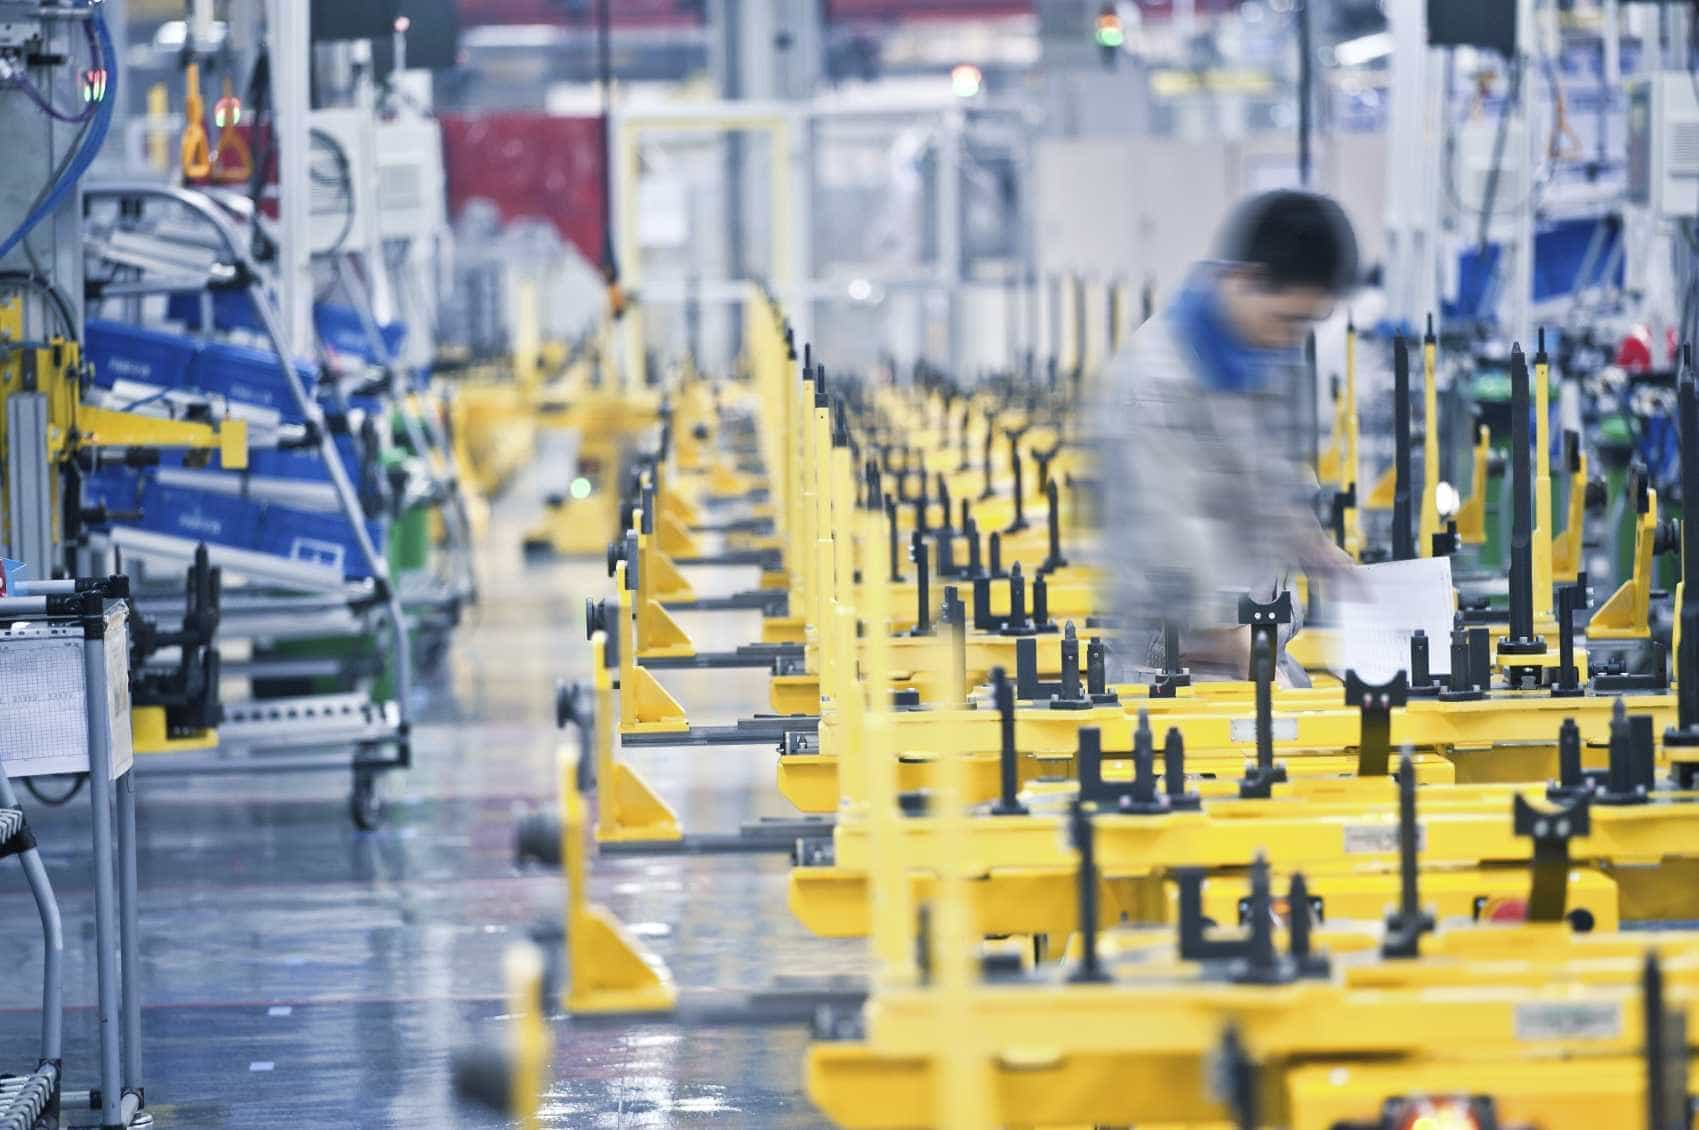 Produção industrial recua em Portugal em contraciclo com zona euro